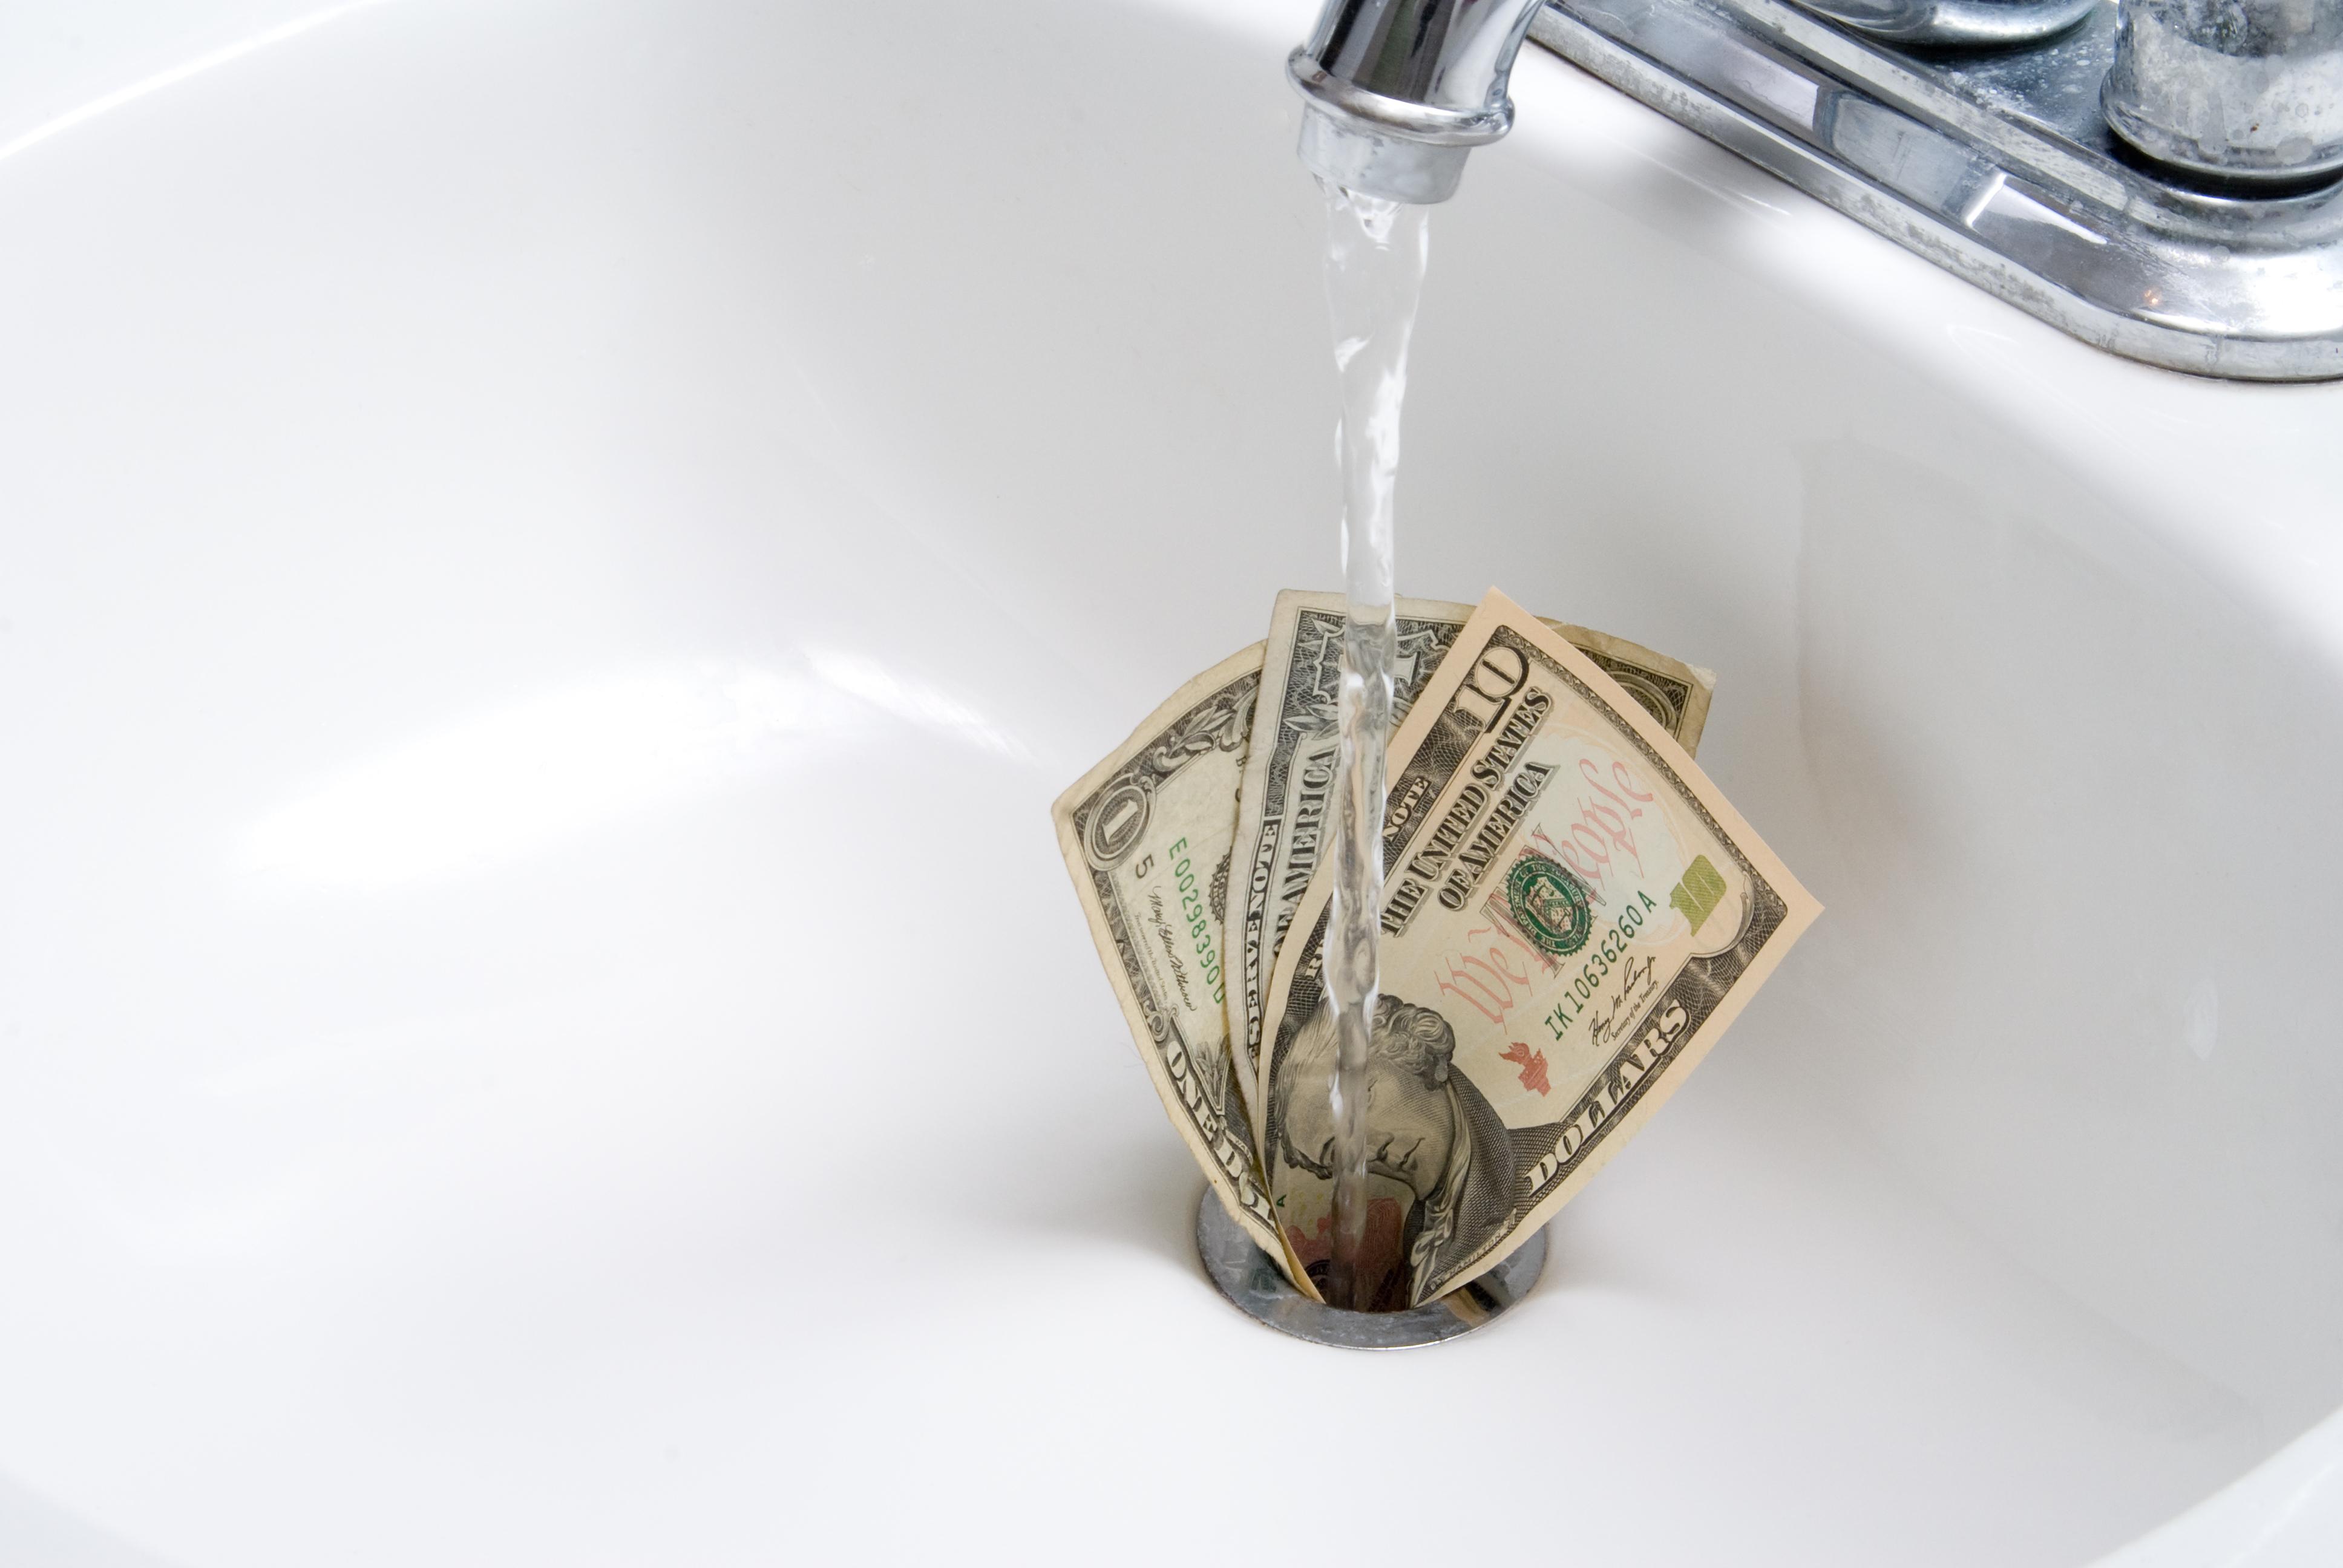 Money Down a Sink Drain